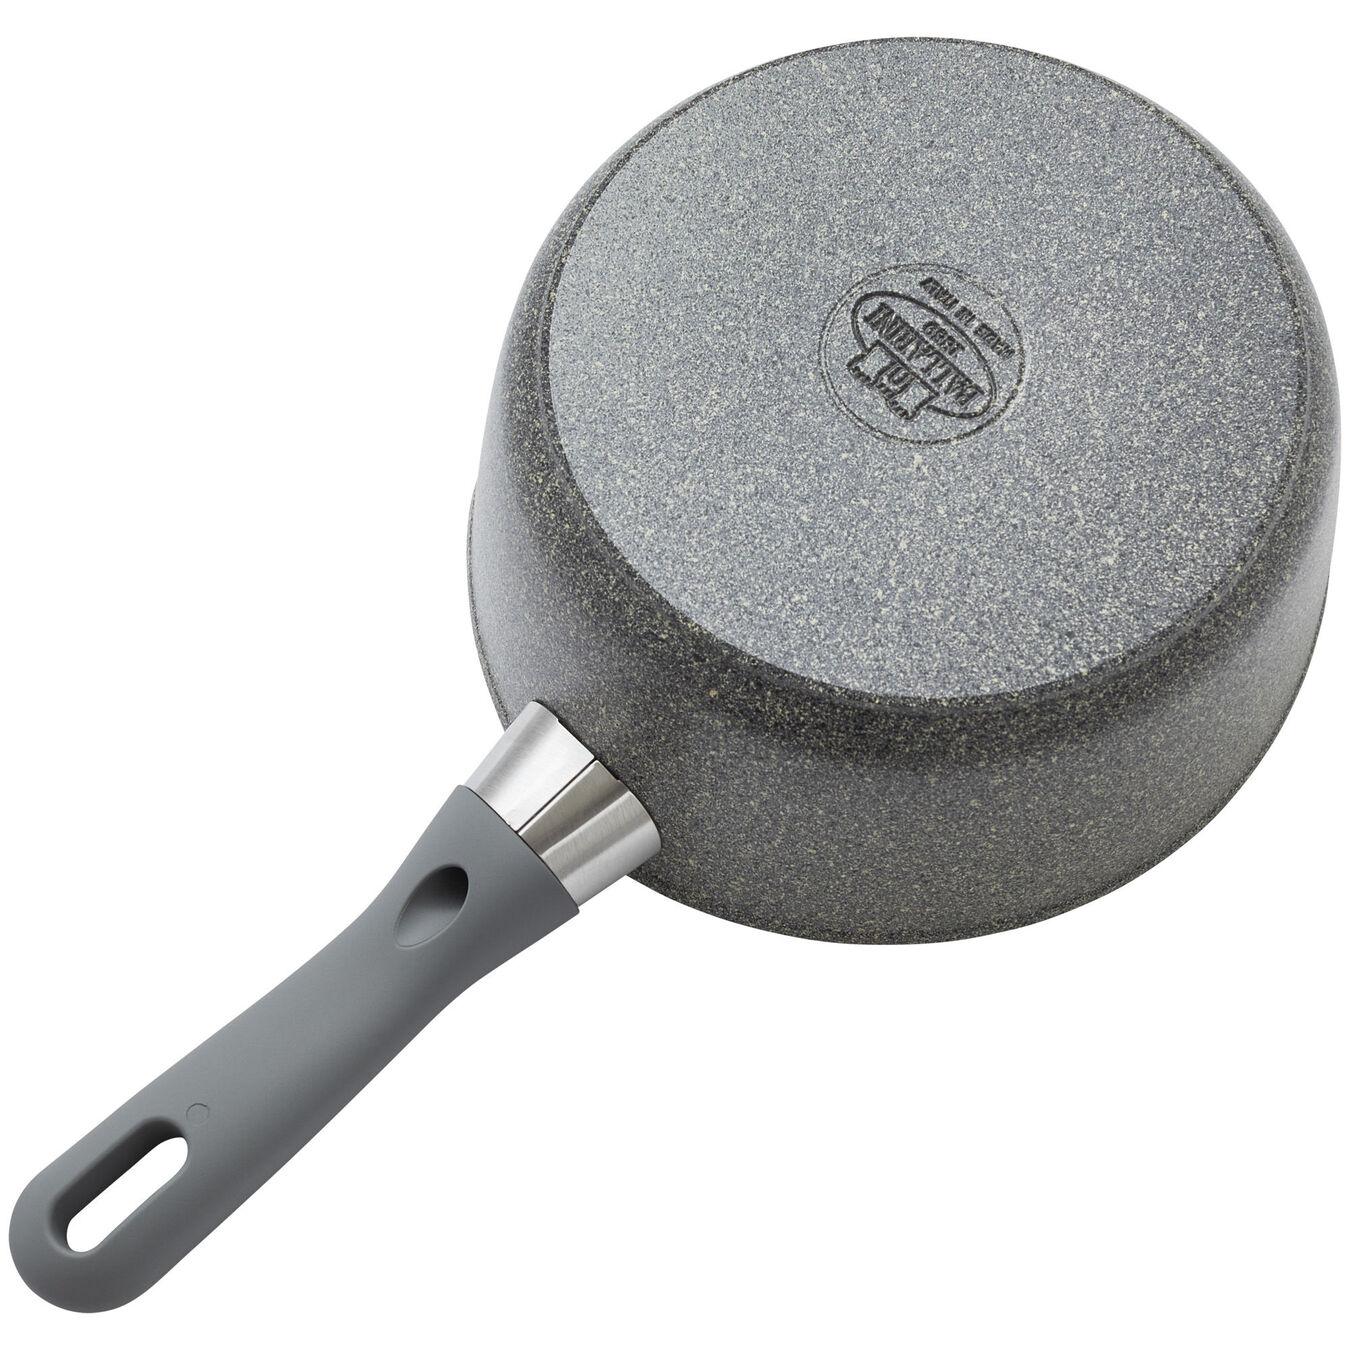 2.75 qt Sauce pan, aluminium ,,large 3